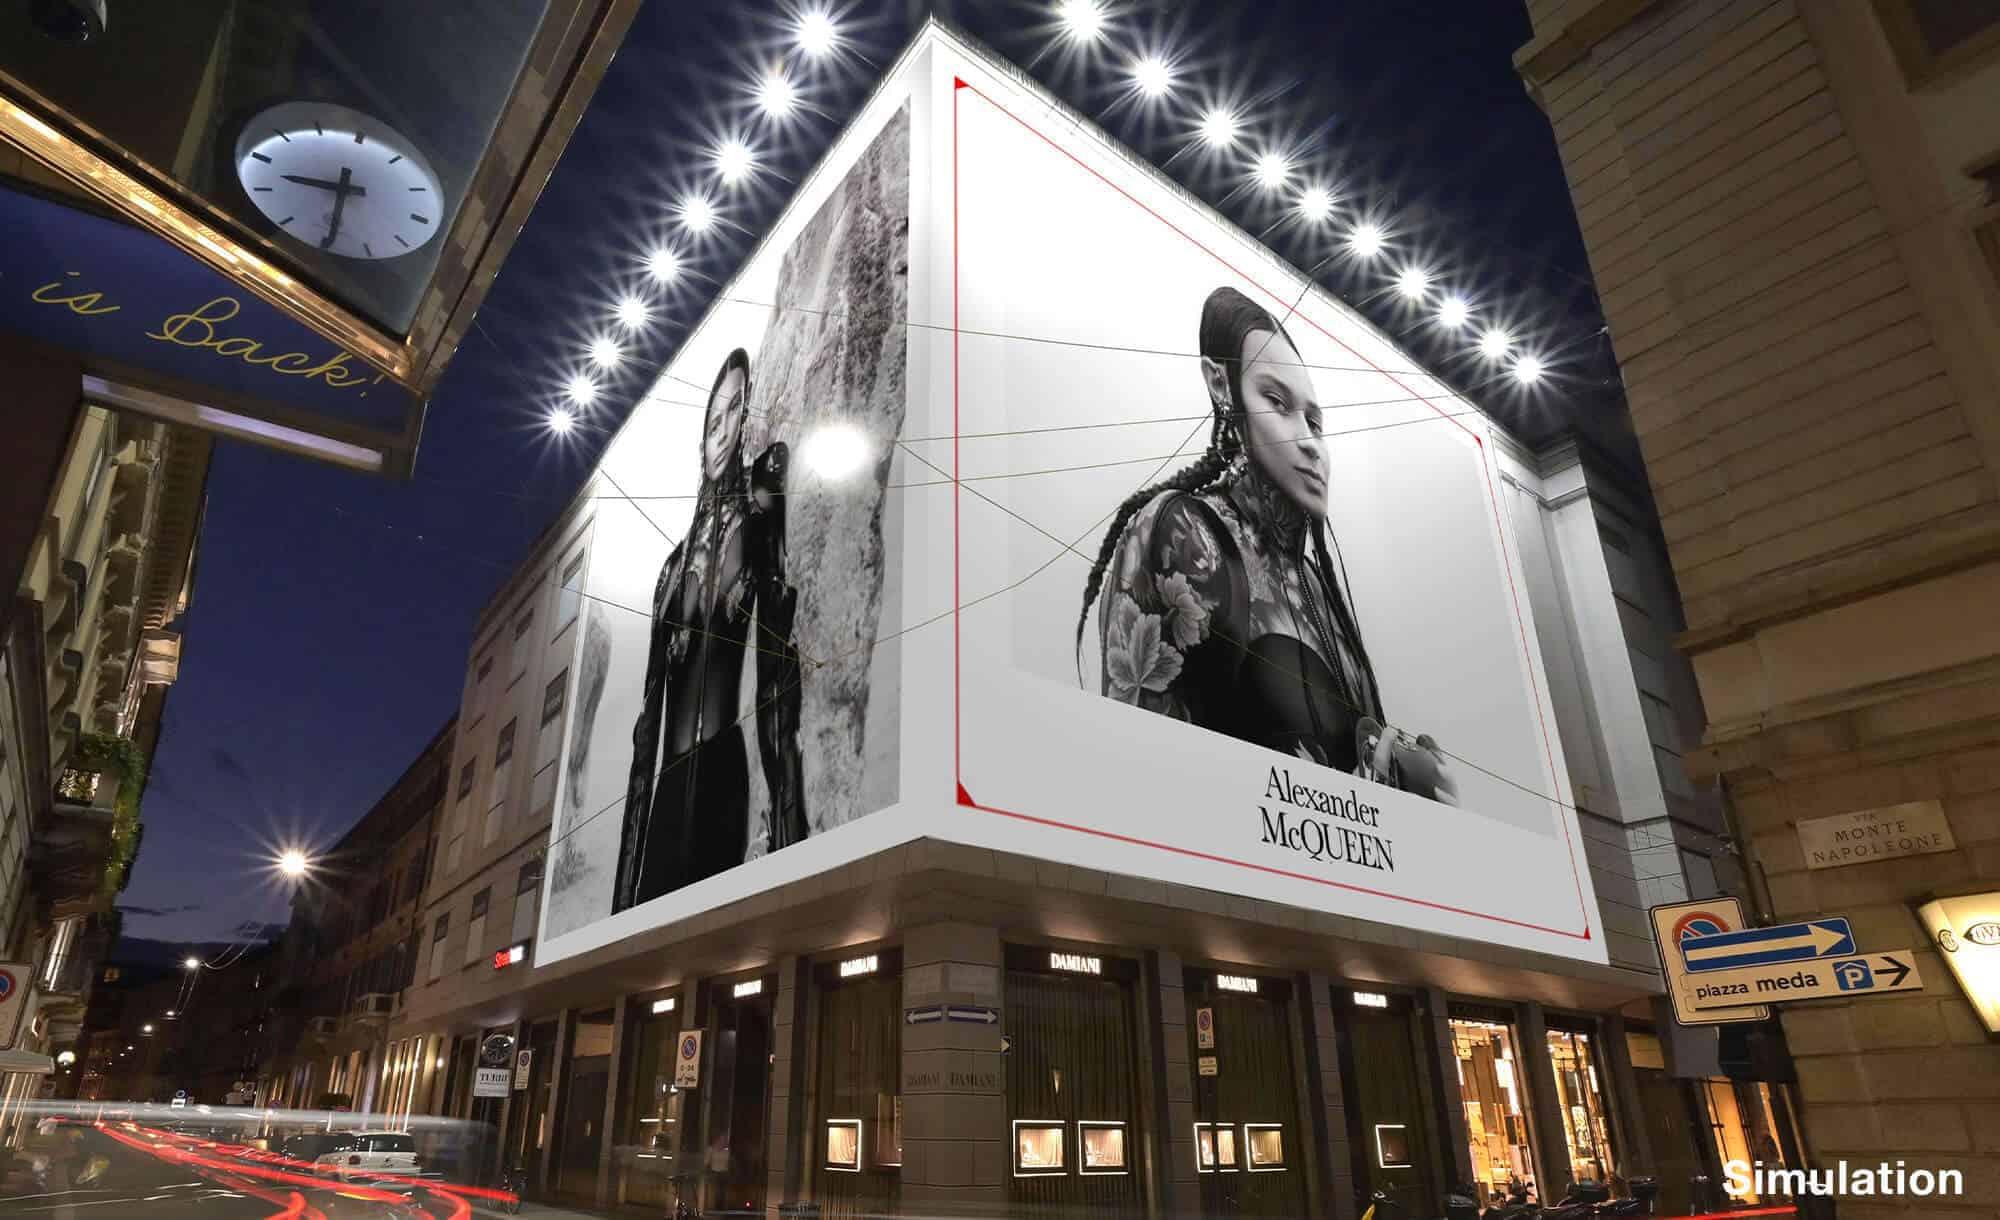 Maxi Affissione Streetvox in Via Monte Napoleone 10 a Milano con Alexander McQueen (Fashion)